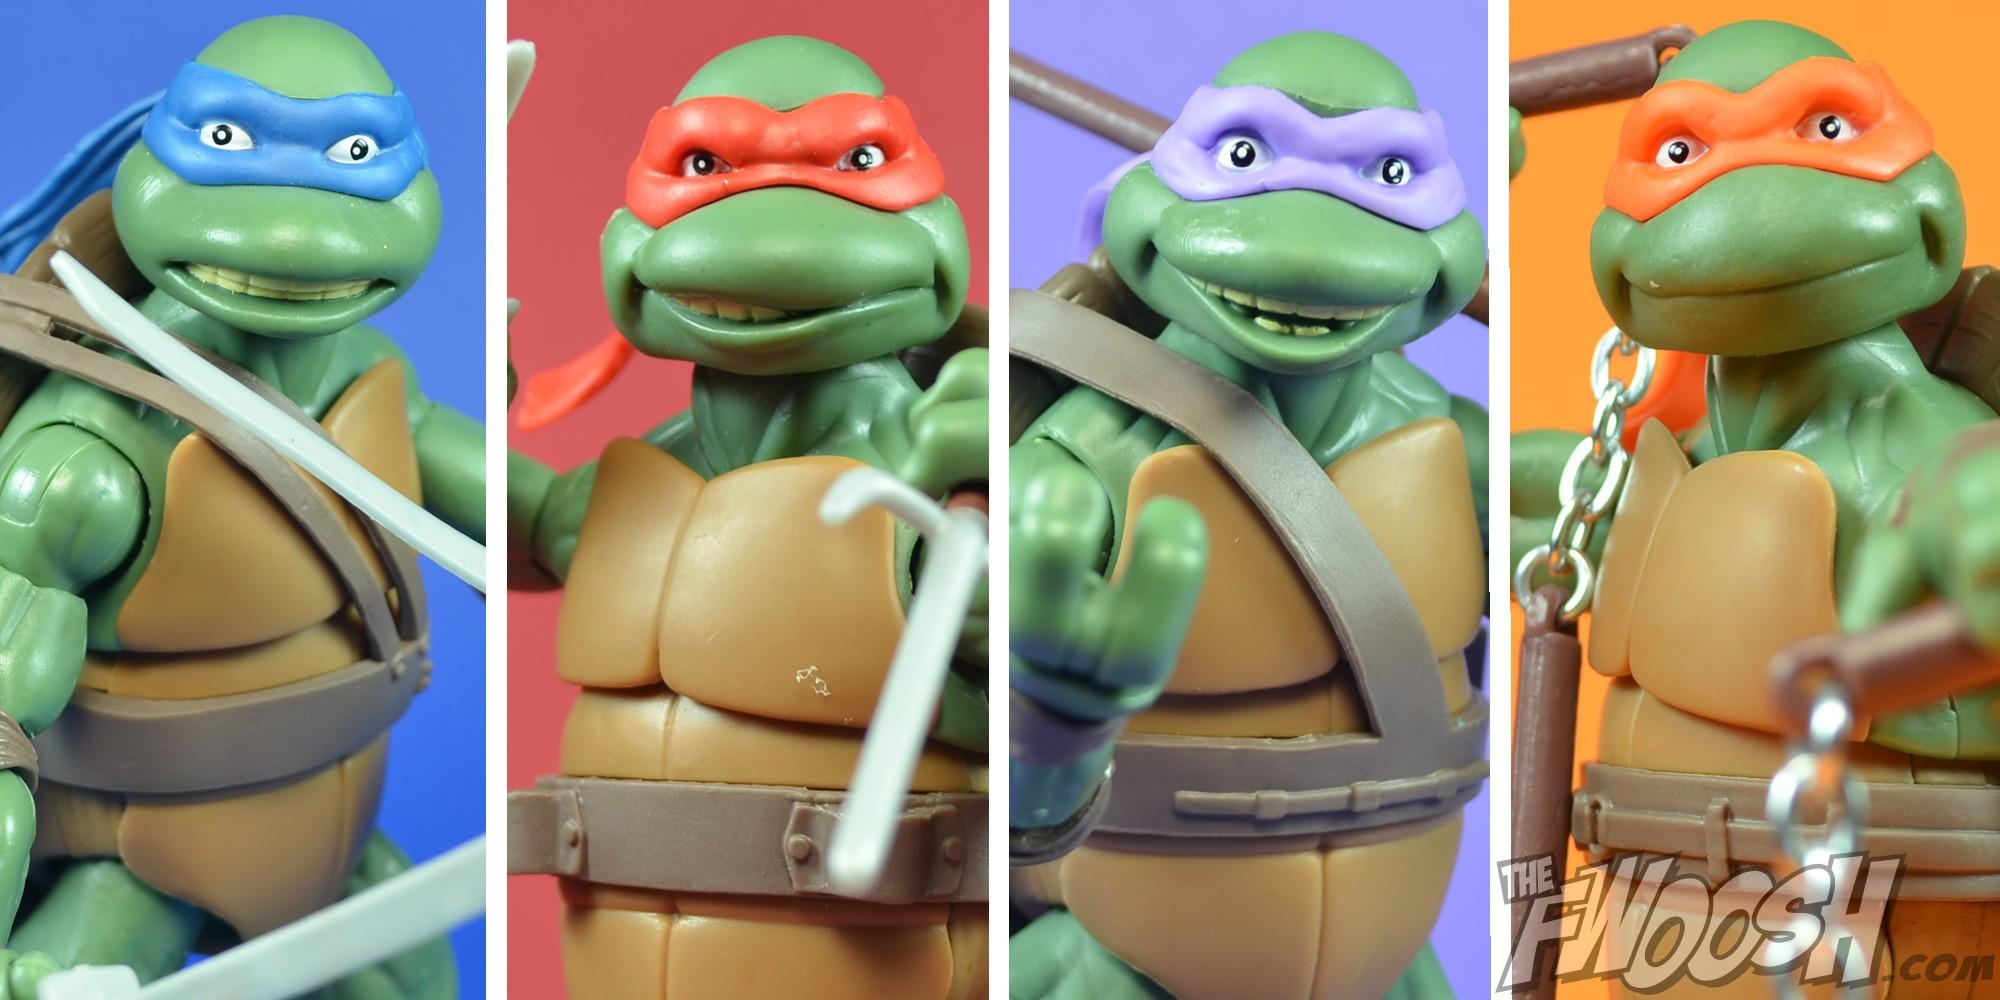 First Teenage Mutant Ninja Turtles Toys : First look playmates classic teenage mutant ninja